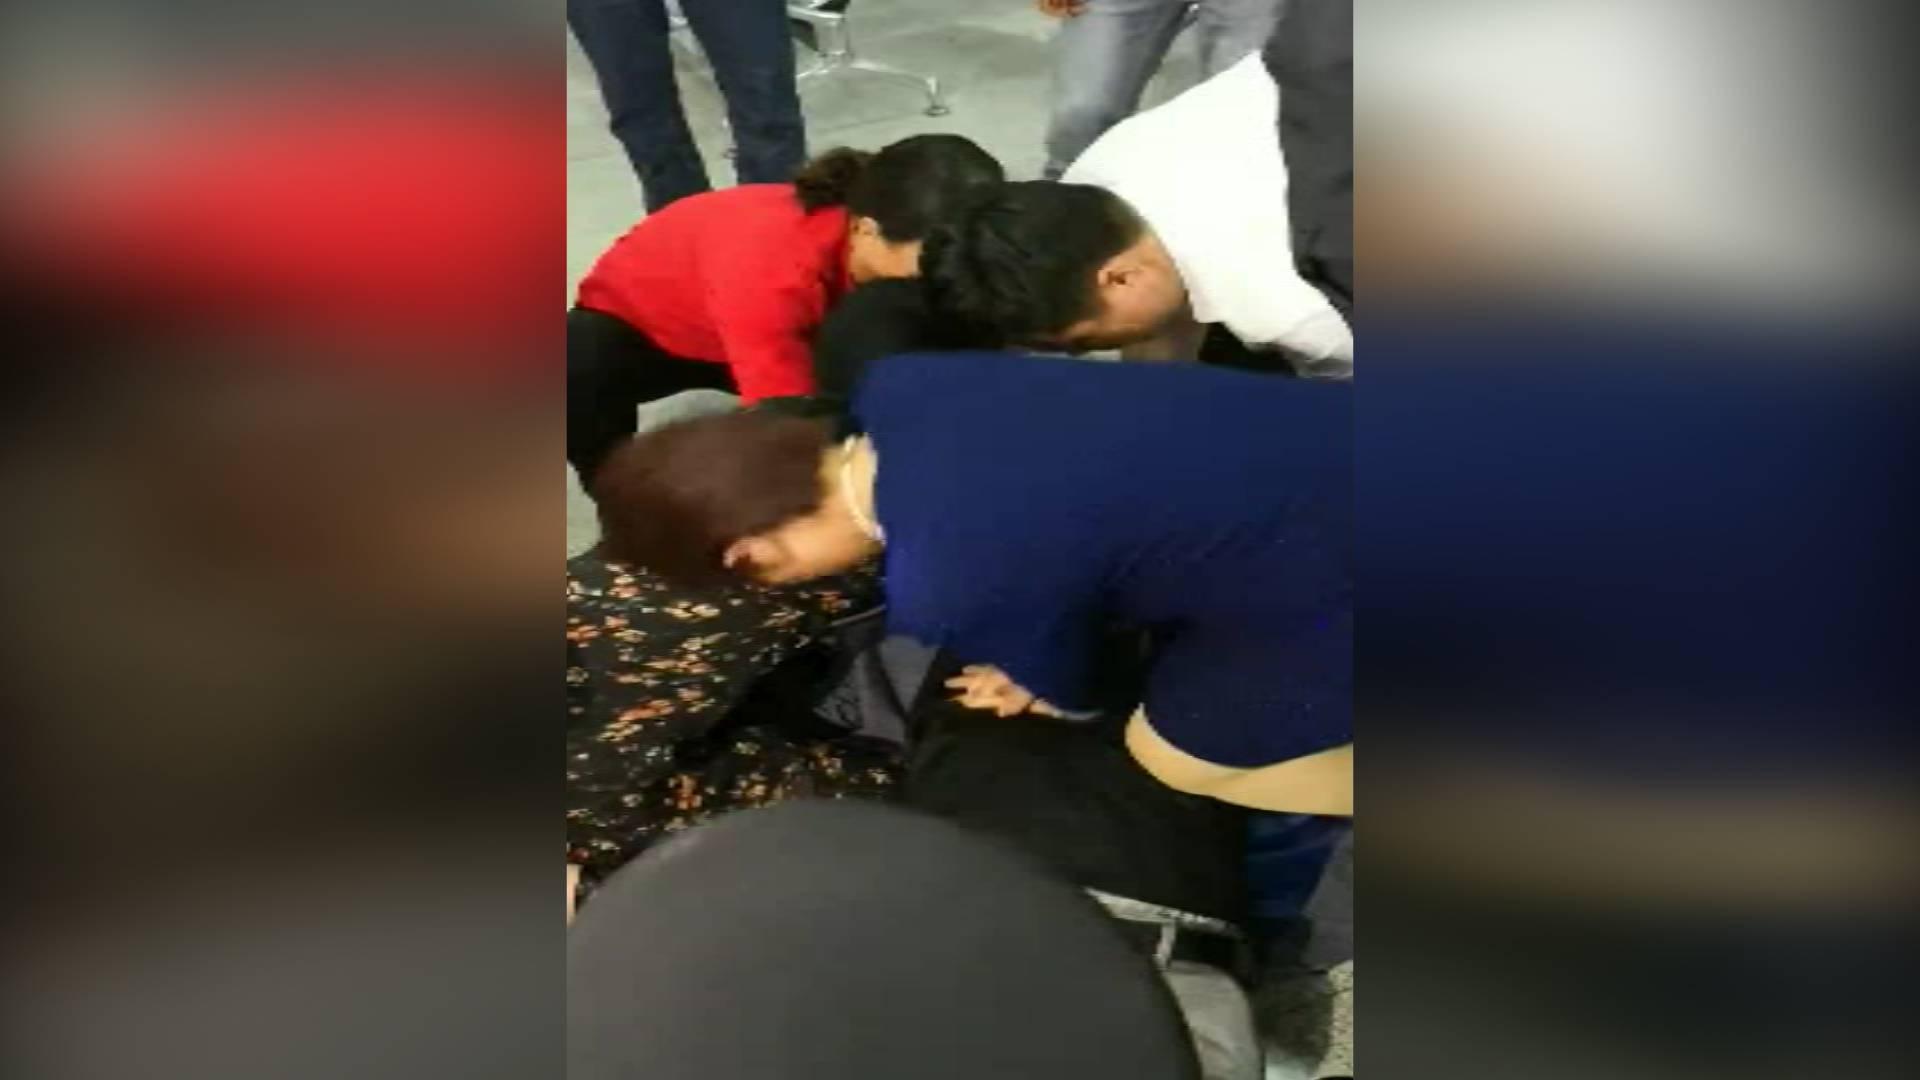 45秒丨西宁火车站一乘客突然晕倒 山东援青干部上演教科书式急救